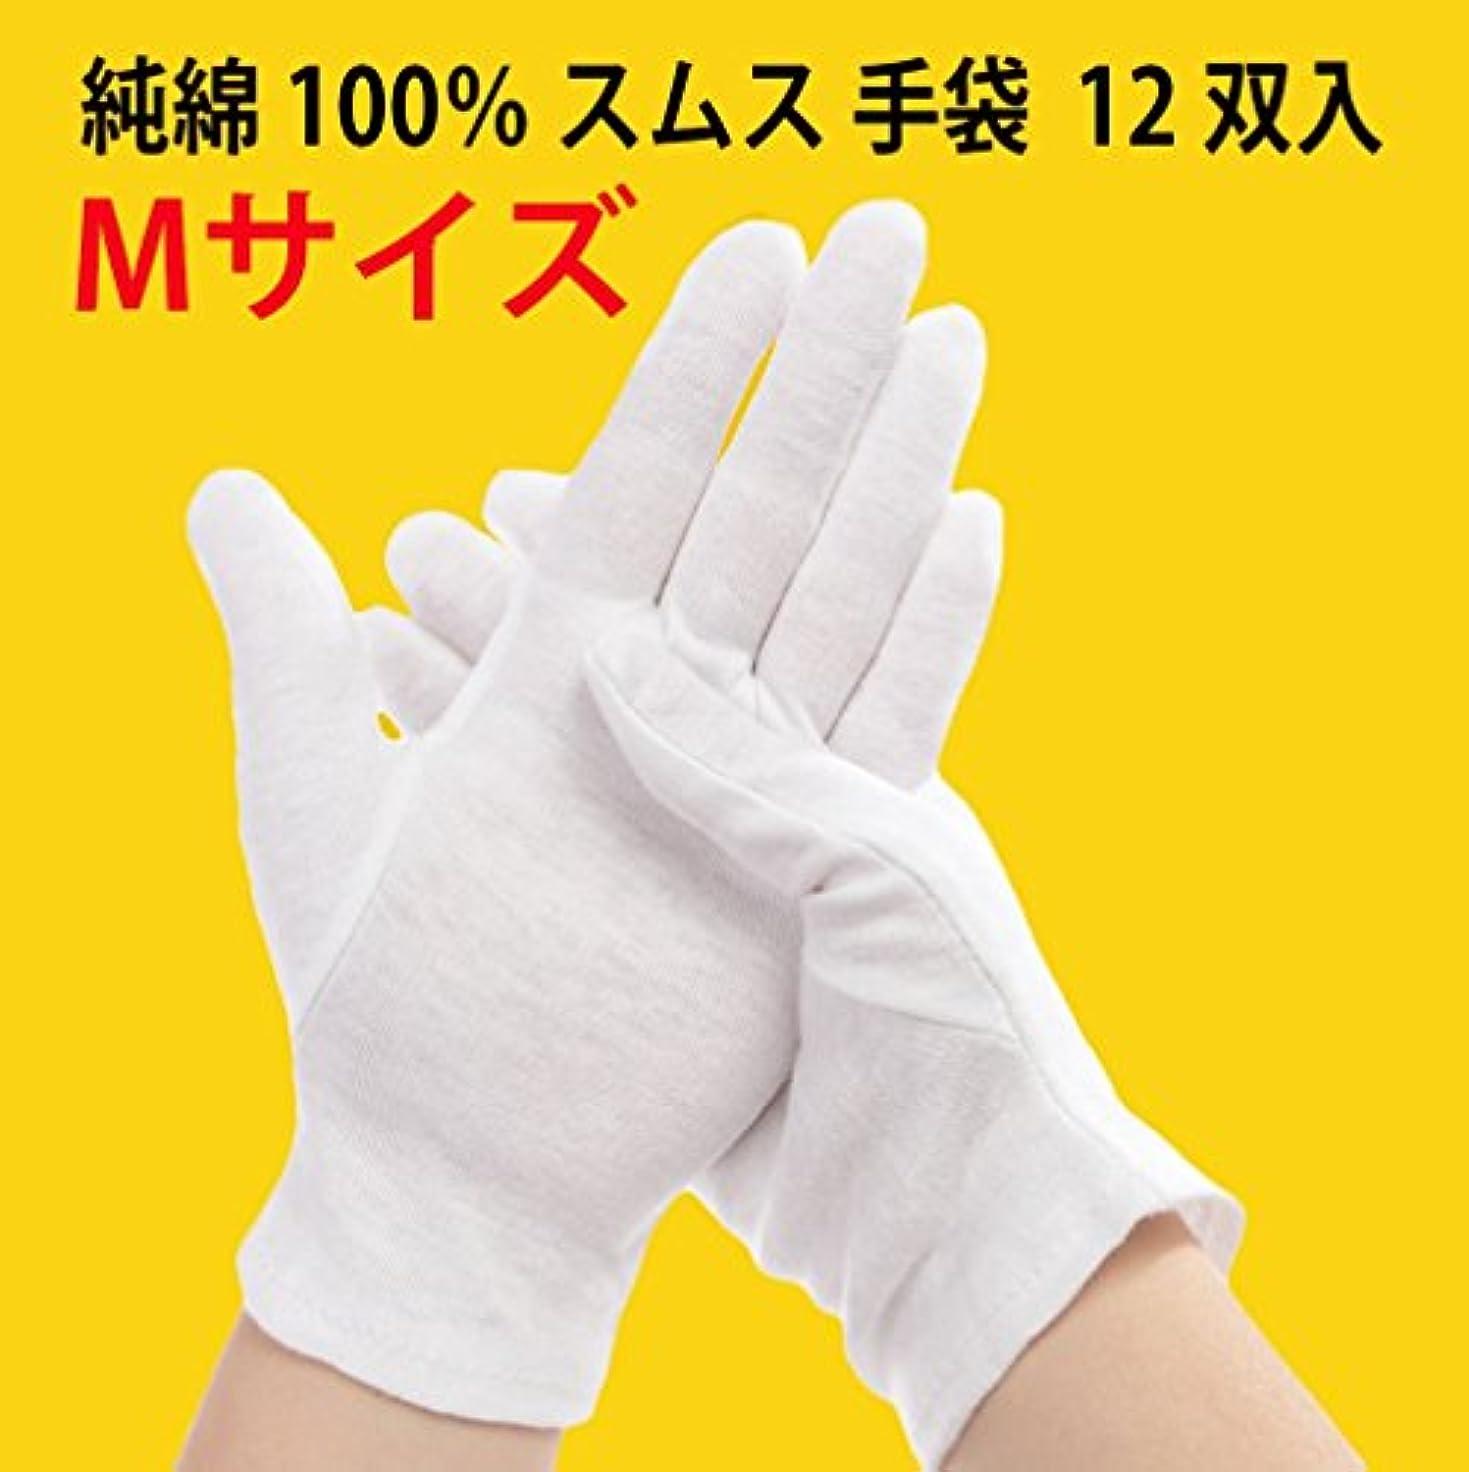 無駄にドック自由純綿100% スムス 手袋 Mサイズ 12双 多用途 101115